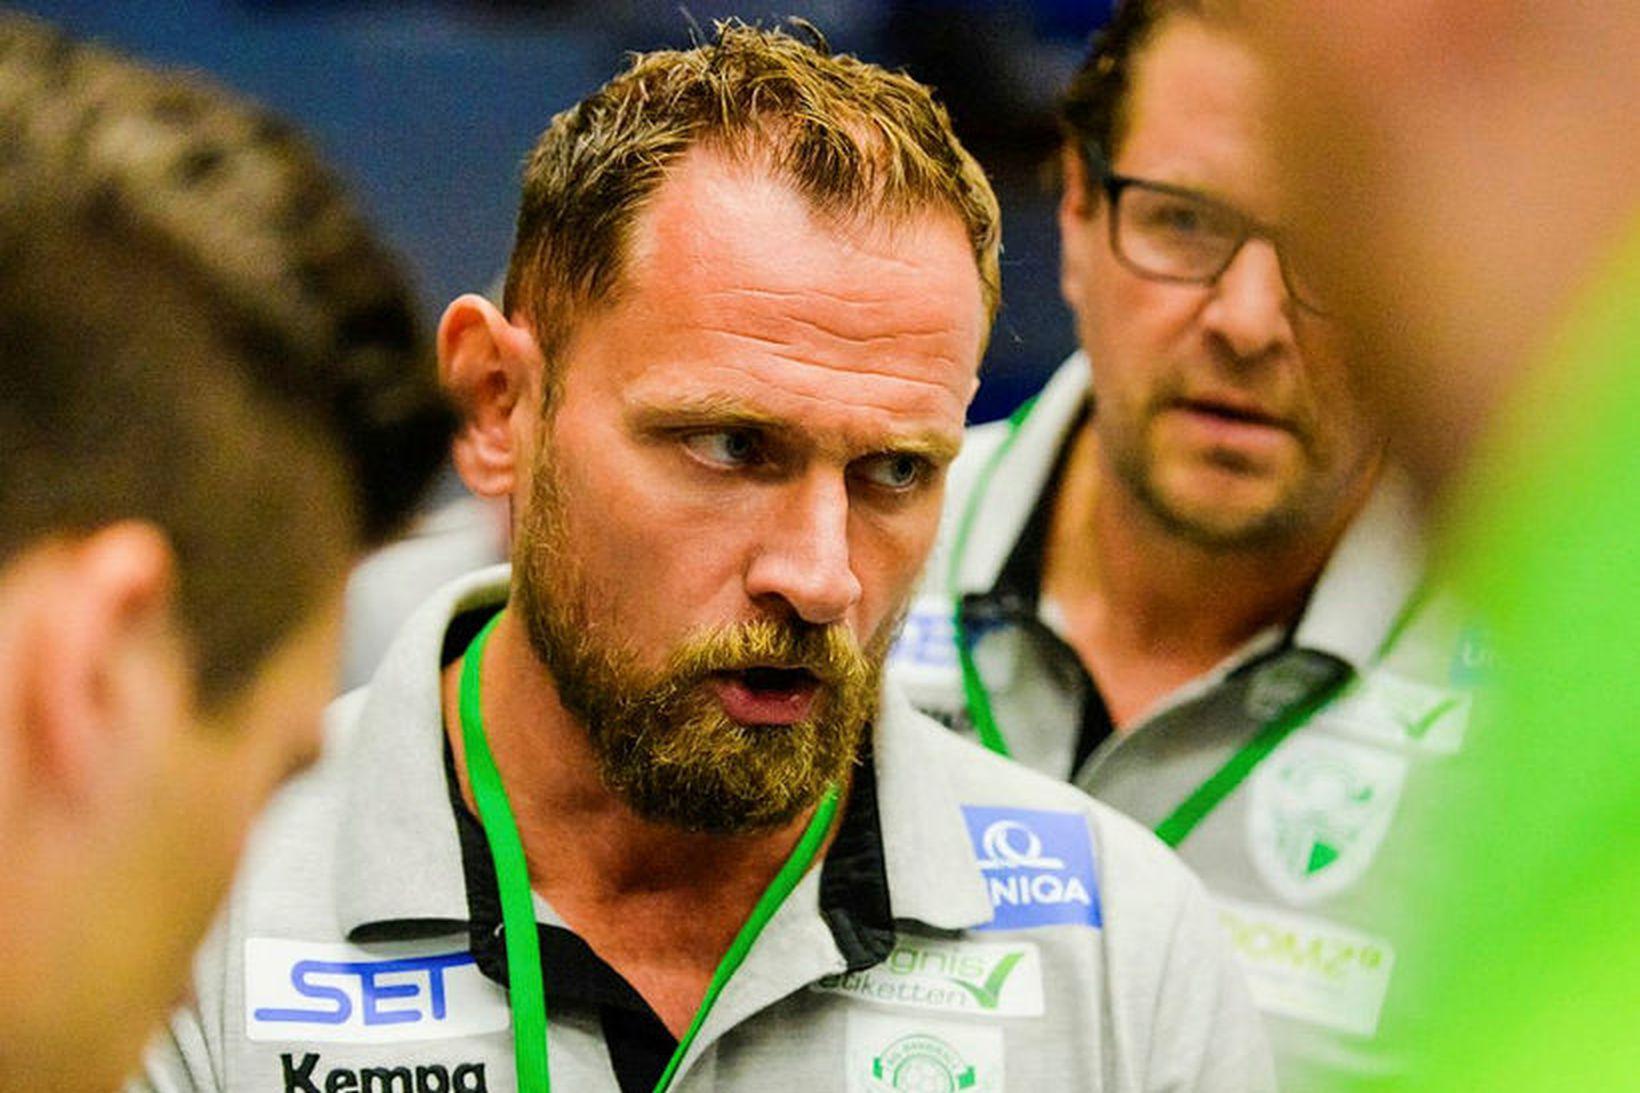 Hannes Jón Jónsson átti að taka við Selfyssingum fyrir næstu …